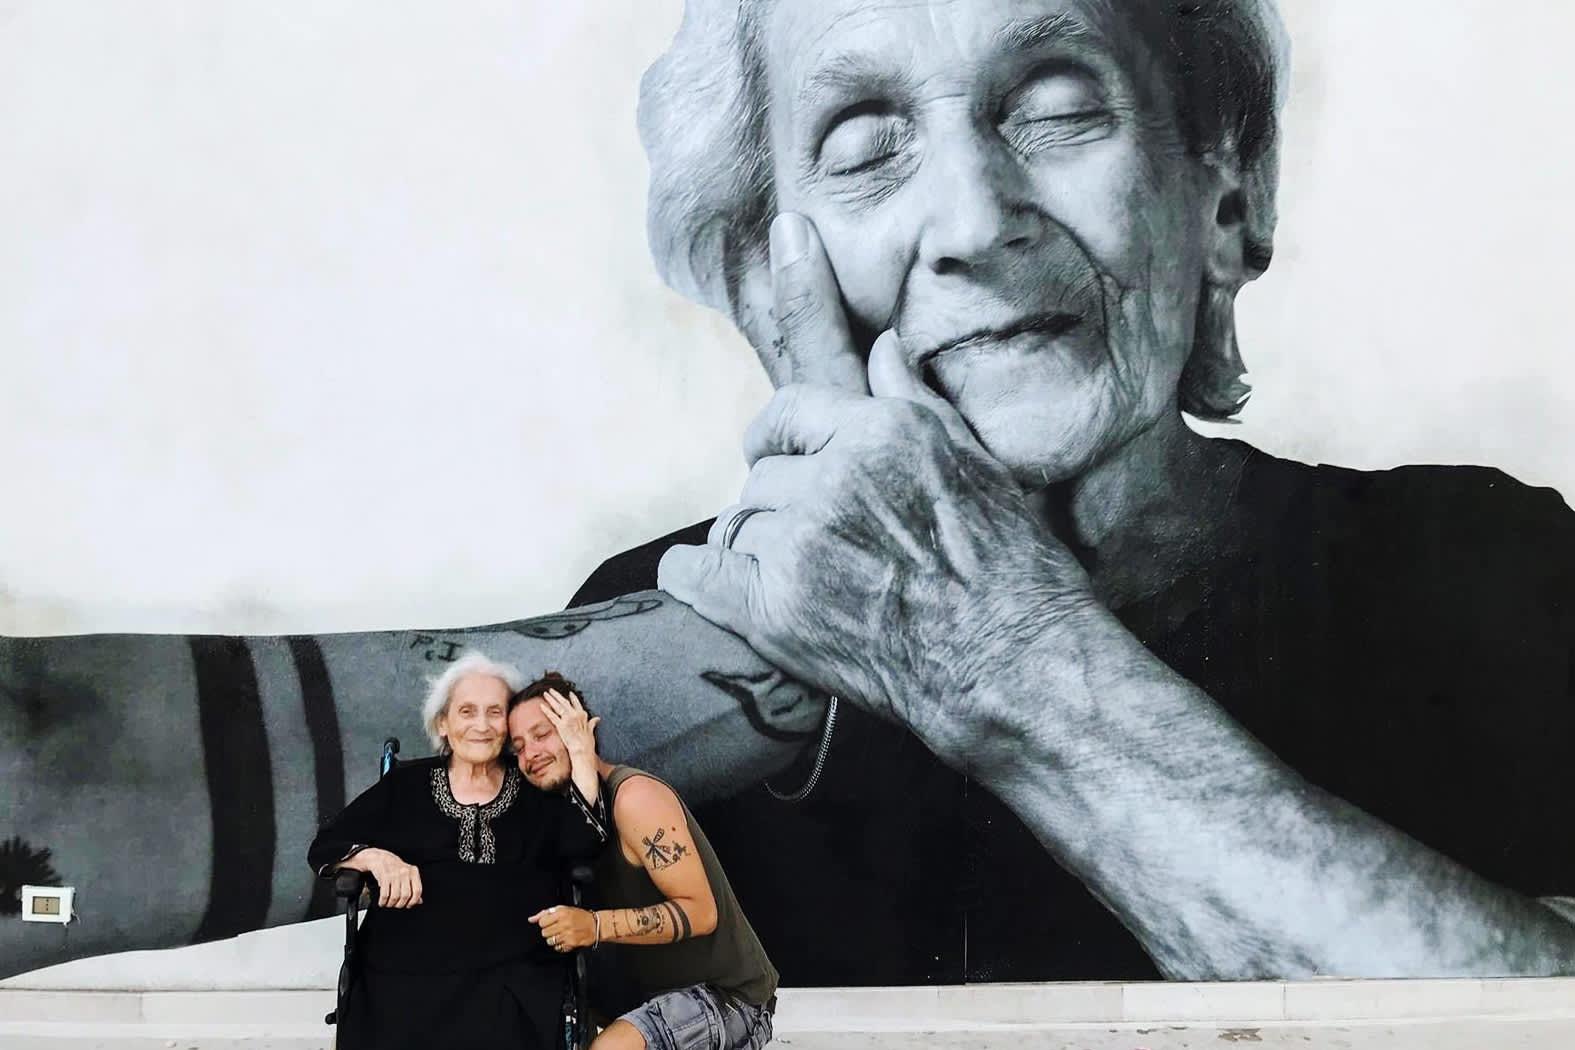 Kuvassa isoäiti ja aikuinen lapsenlapsi halaavat.